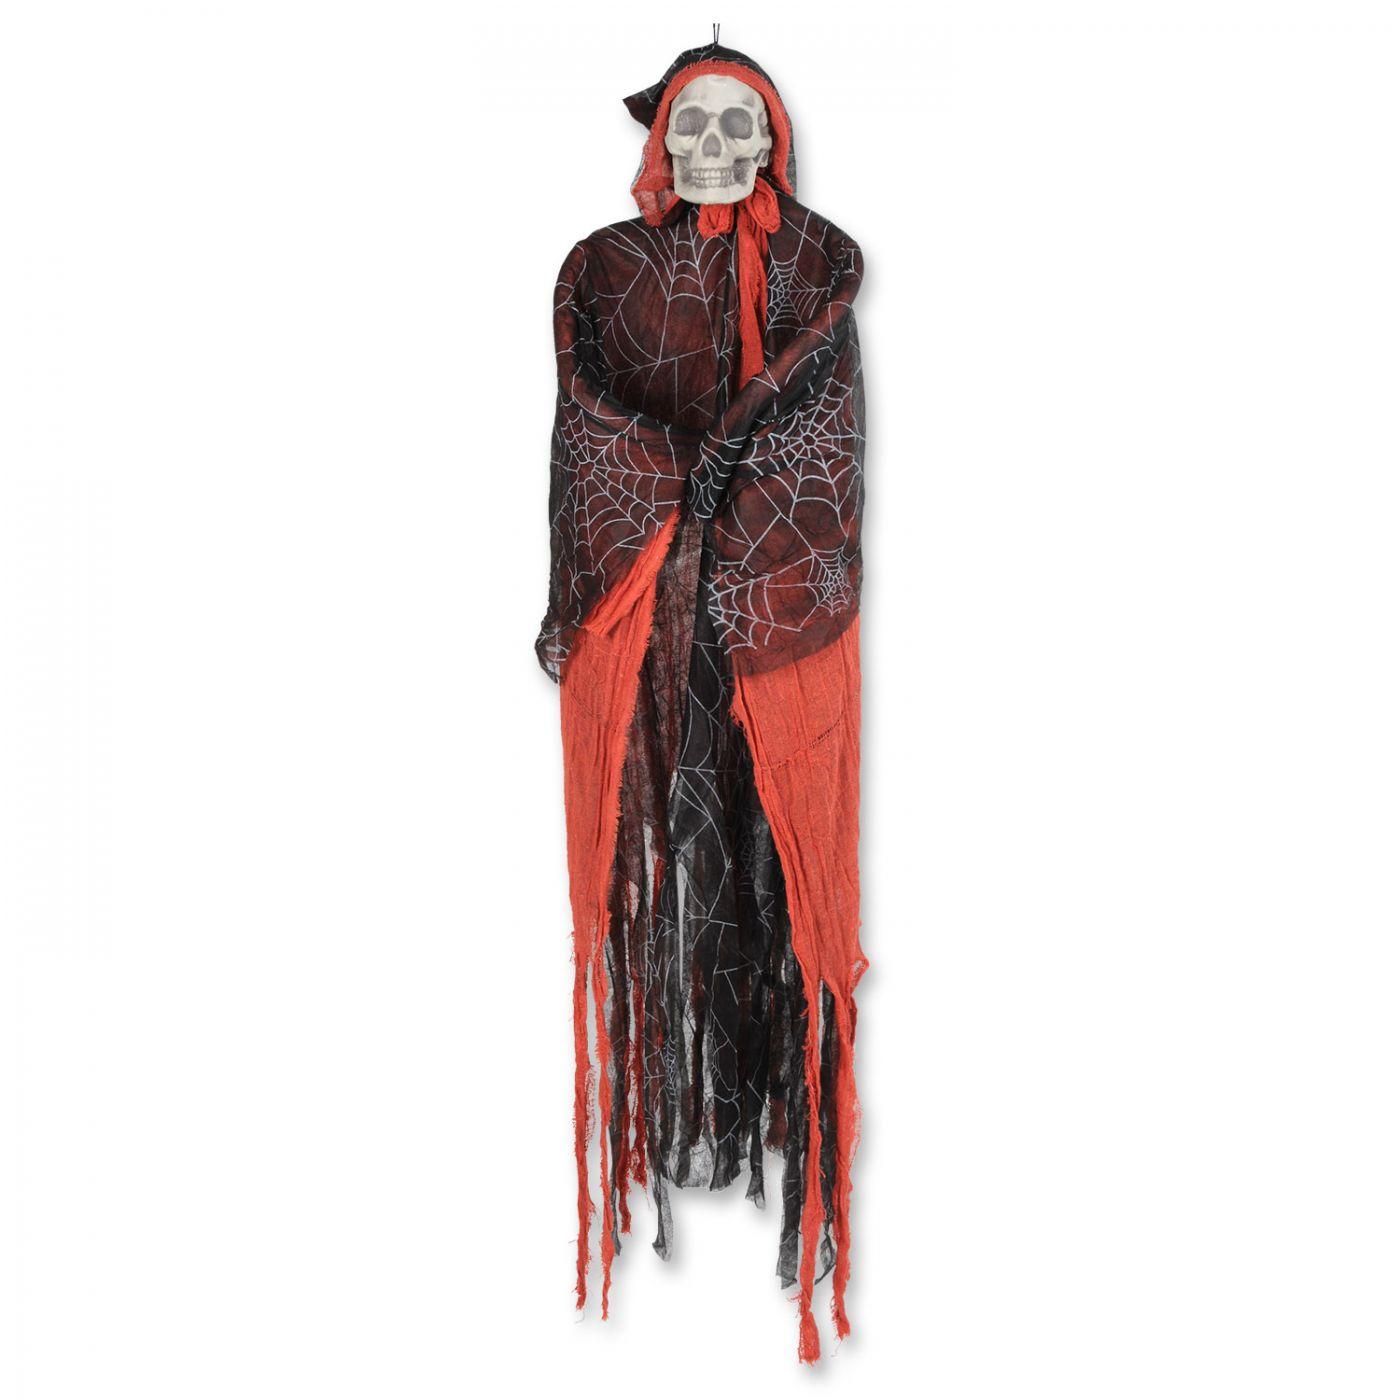 Hooded Skeleton Creepy Creature (1) image